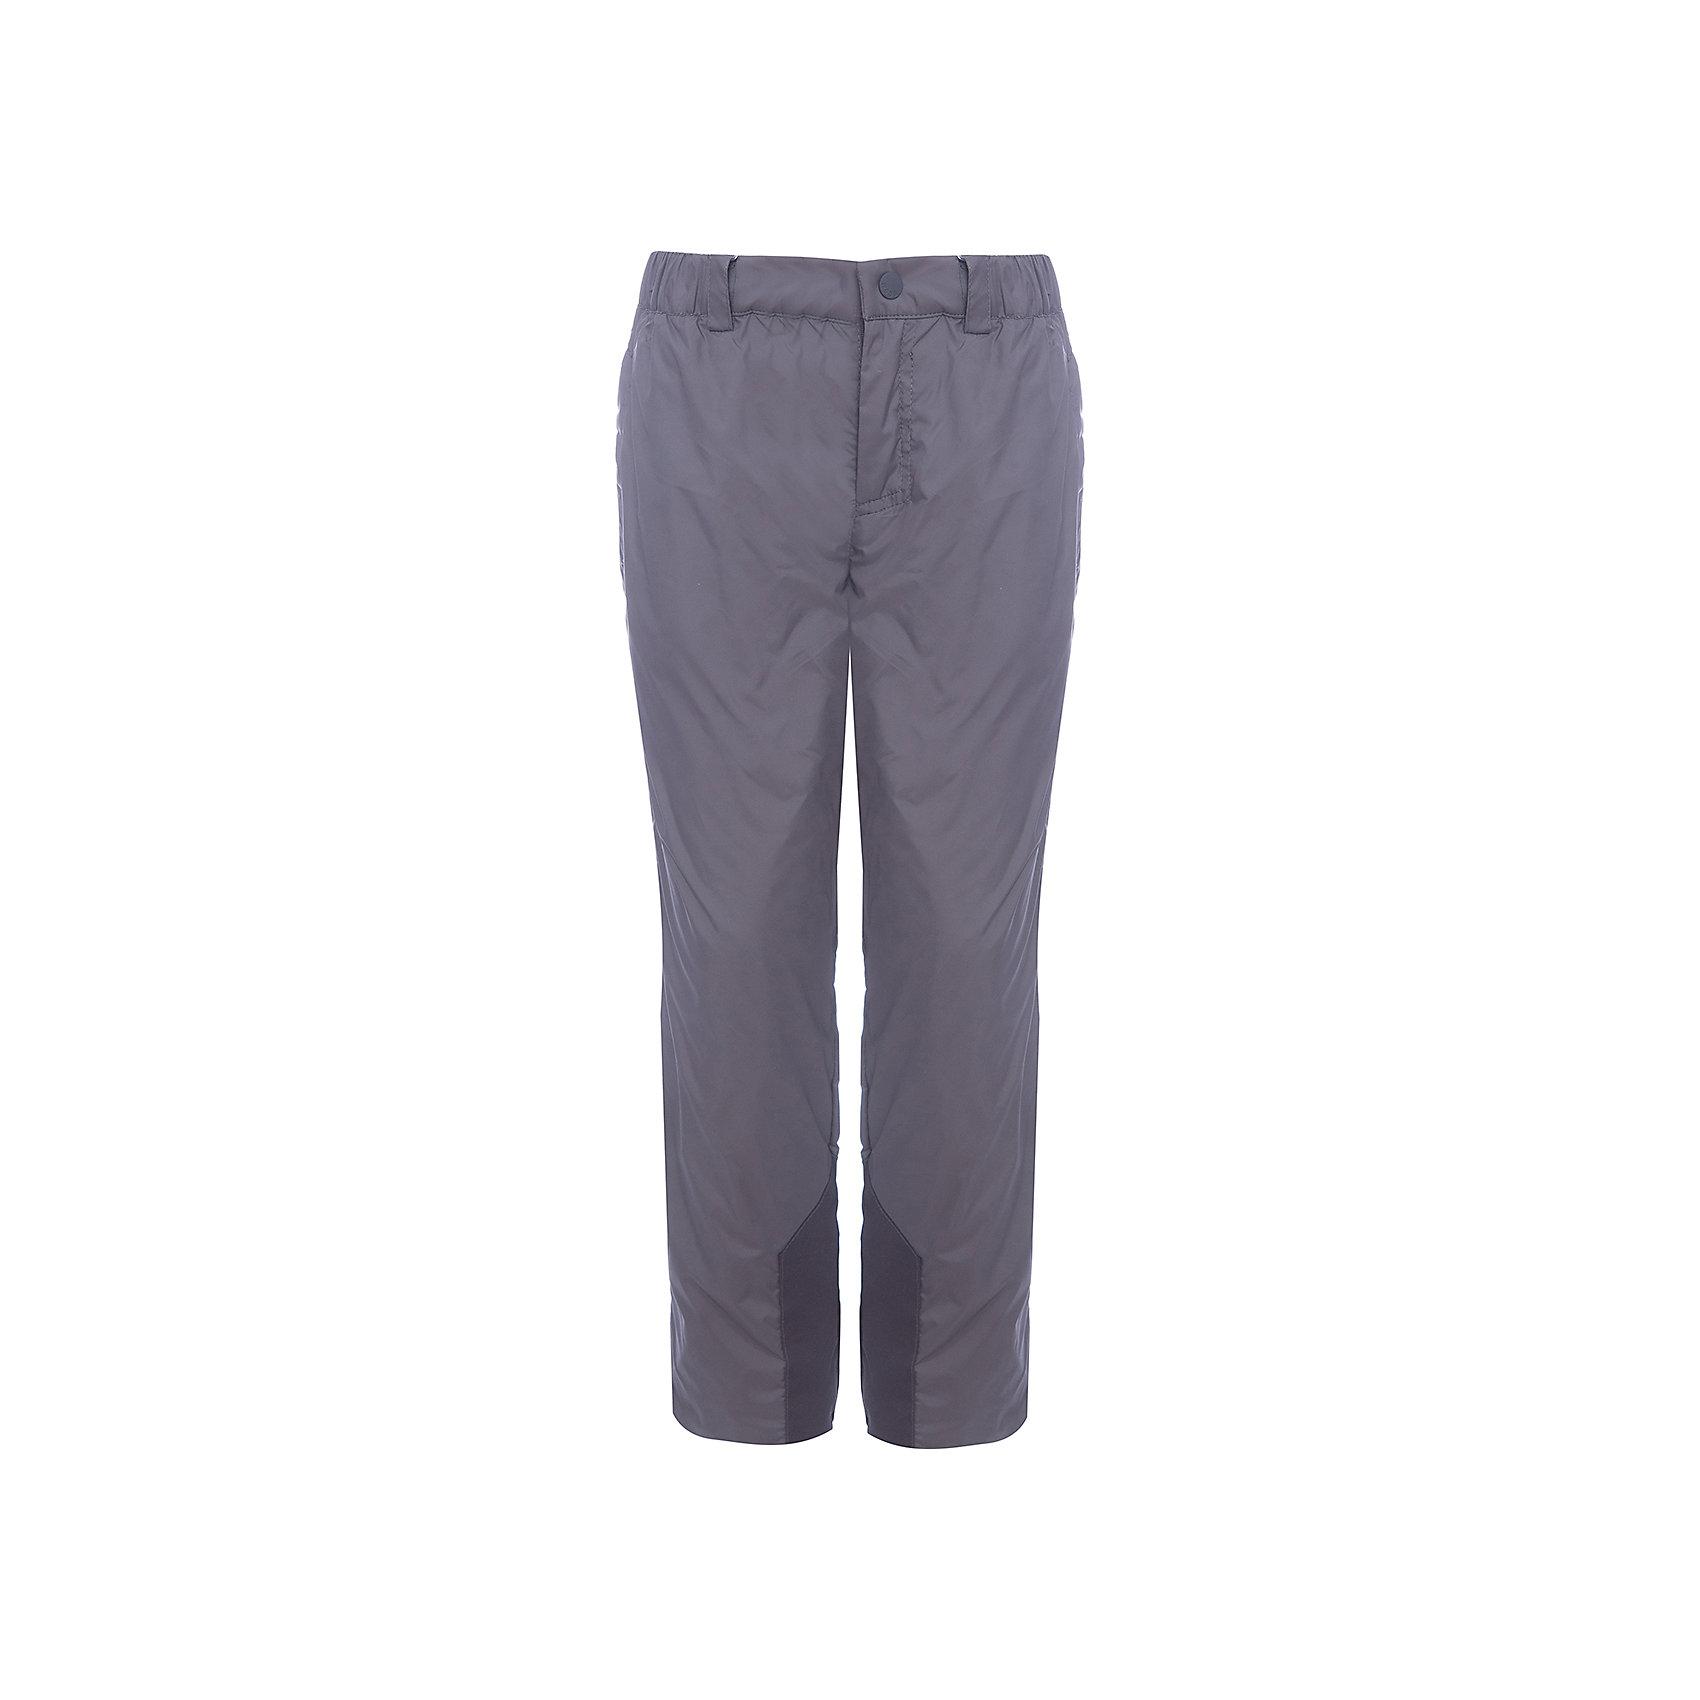 Брюки BOOM by Orby для мальчикаВерхняя одежда<br>Характеристики товара:<br><br>• цвет: серый<br>• ткань верха: Таффета pu milky<br>• подкладка: Флис<br>• без утеплителя<br>• сезон: демисезон<br>• температурный режим: от +5° до +15°С<br>• особенности одежды: на молнии и кнопке<br>• тип брюк: с флисовой подкладкой<br>• пояс: регулировка объема резинкой<br>• карманы: втачные<br>• страна бренда: Россия<br>• страна изготовитель: Россия<br><br>Отличный способ стильно одеться в прохладную погоду или заморозки - эти серые демисезонные брюки на флисовой подкладке отлично подходят для ношения в демисезон. <br><br>Брюки BOOM by Orby для мальчика можно купить в нашем интернет-магазине.<br><br>Ширина мм: 215<br>Глубина мм: 88<br>Высота мм: 191<br>Вес г: 336<br>Цвет: серый<br>Возраст от месяцев: 84<br>Возраст до месяцев: 96<br>Пол: Мужской<br>Возраст: Детский<br>Размер: 128,140,146,152,158,134,86,92,104,110,98,116,122<br>SKU: 7007504